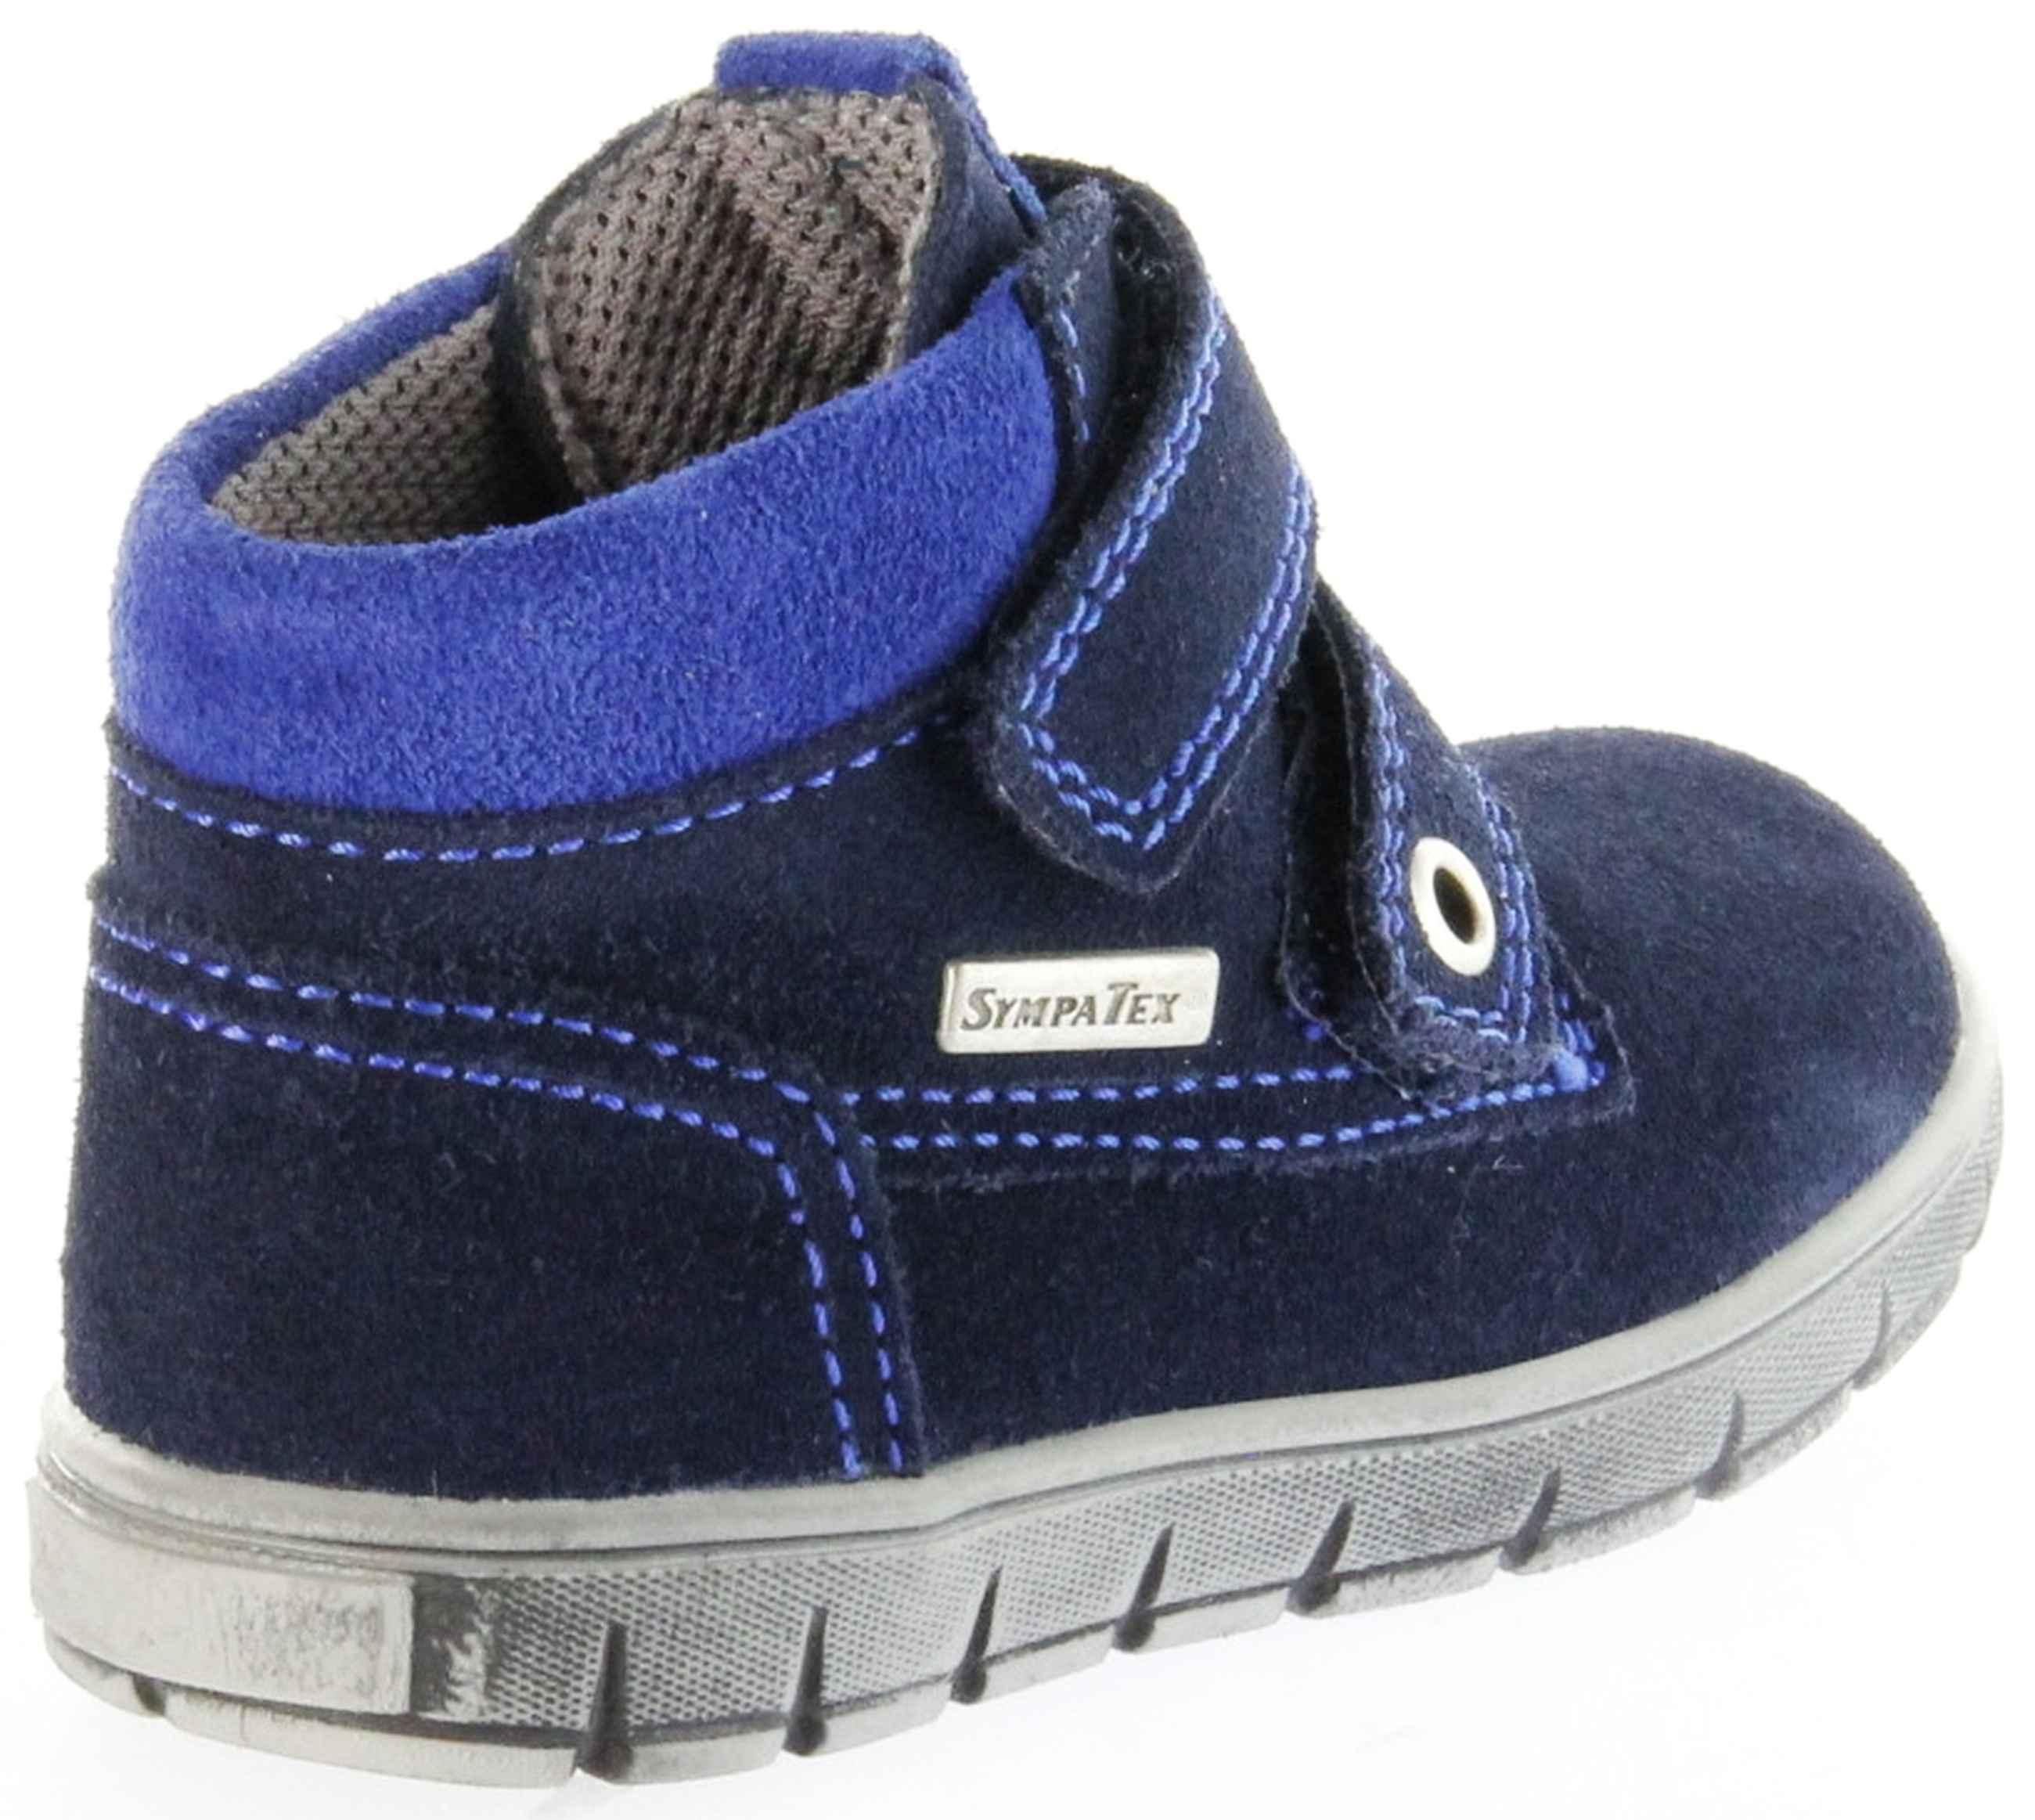 9f75a2c0fb1c87 Richter Kinder Lauflerner Velourleder blau SympaTex Jungen Schuhe  1134-242-7201 atlantic Info S